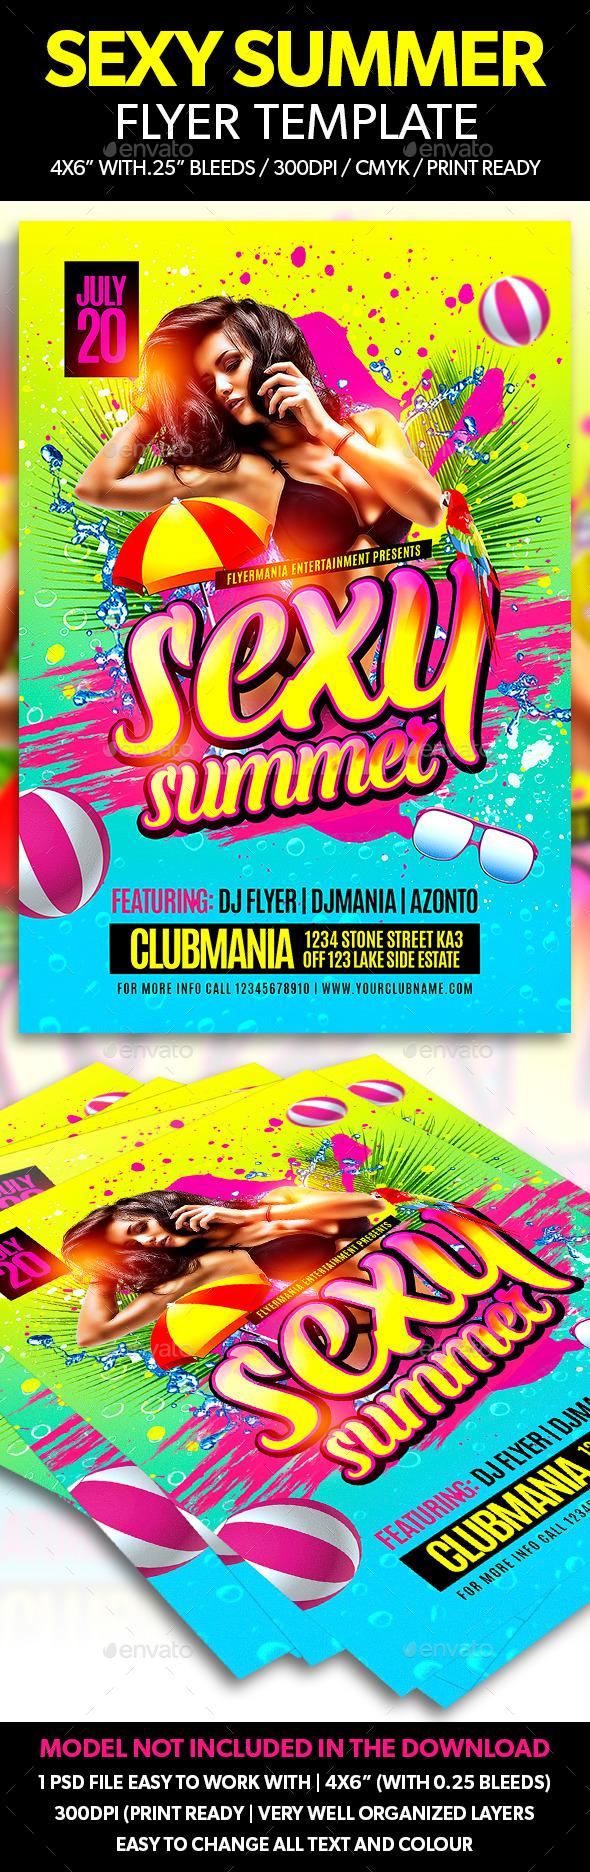 Sexy Summer Flyer Template